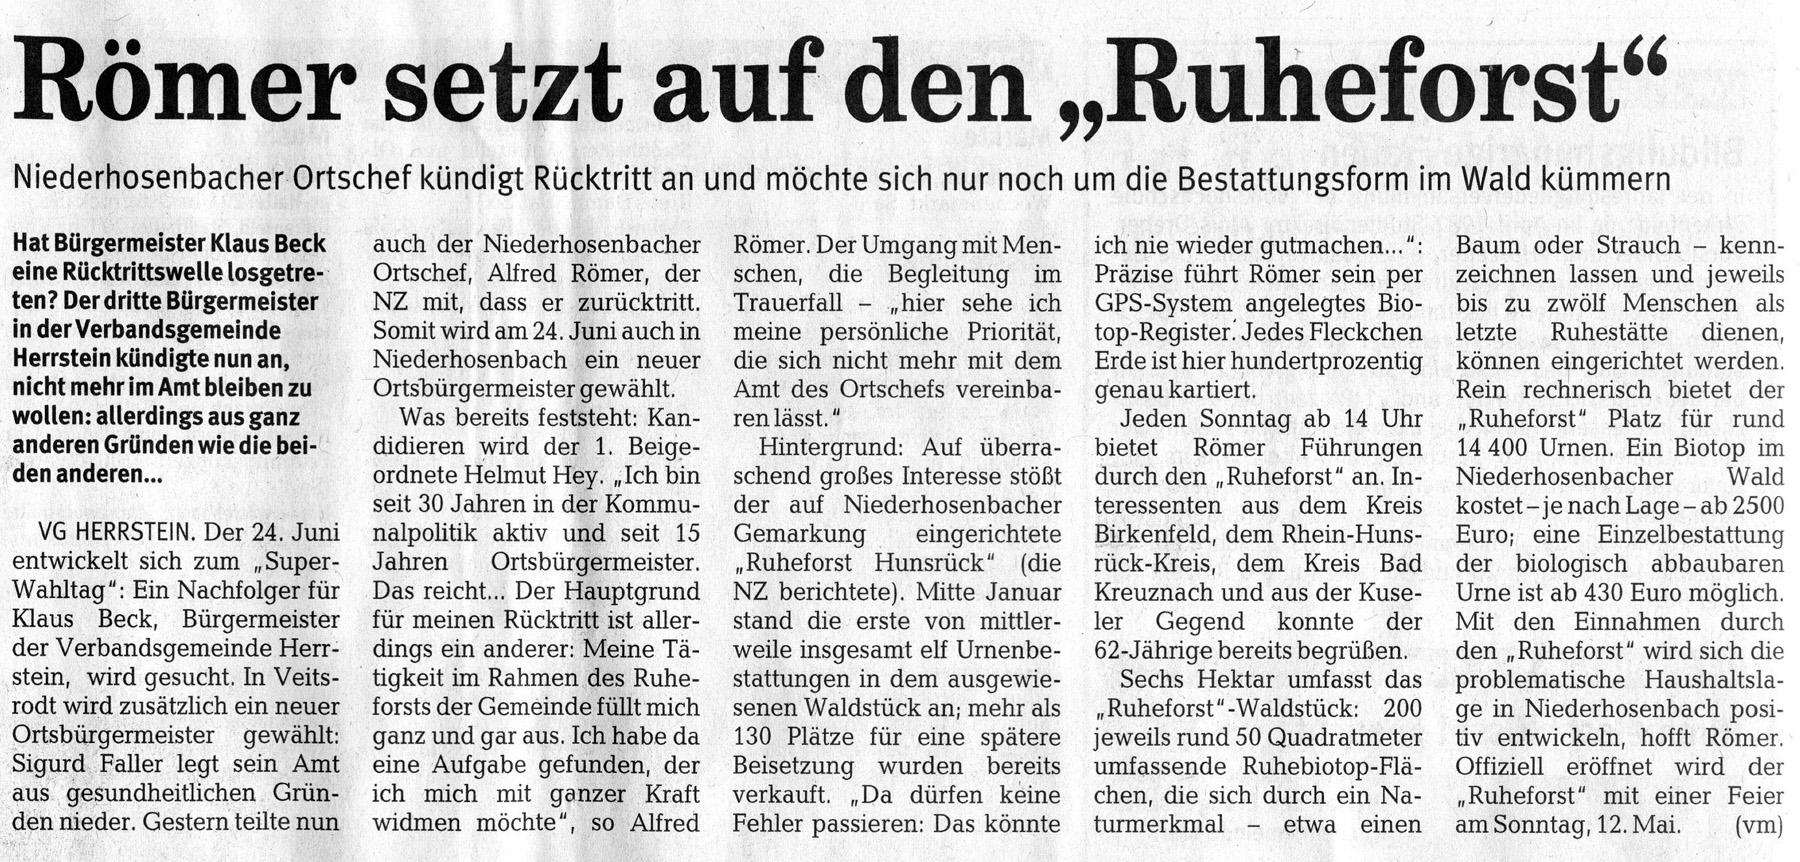 2007.04.07. Nahe-Zeitung - Kopie